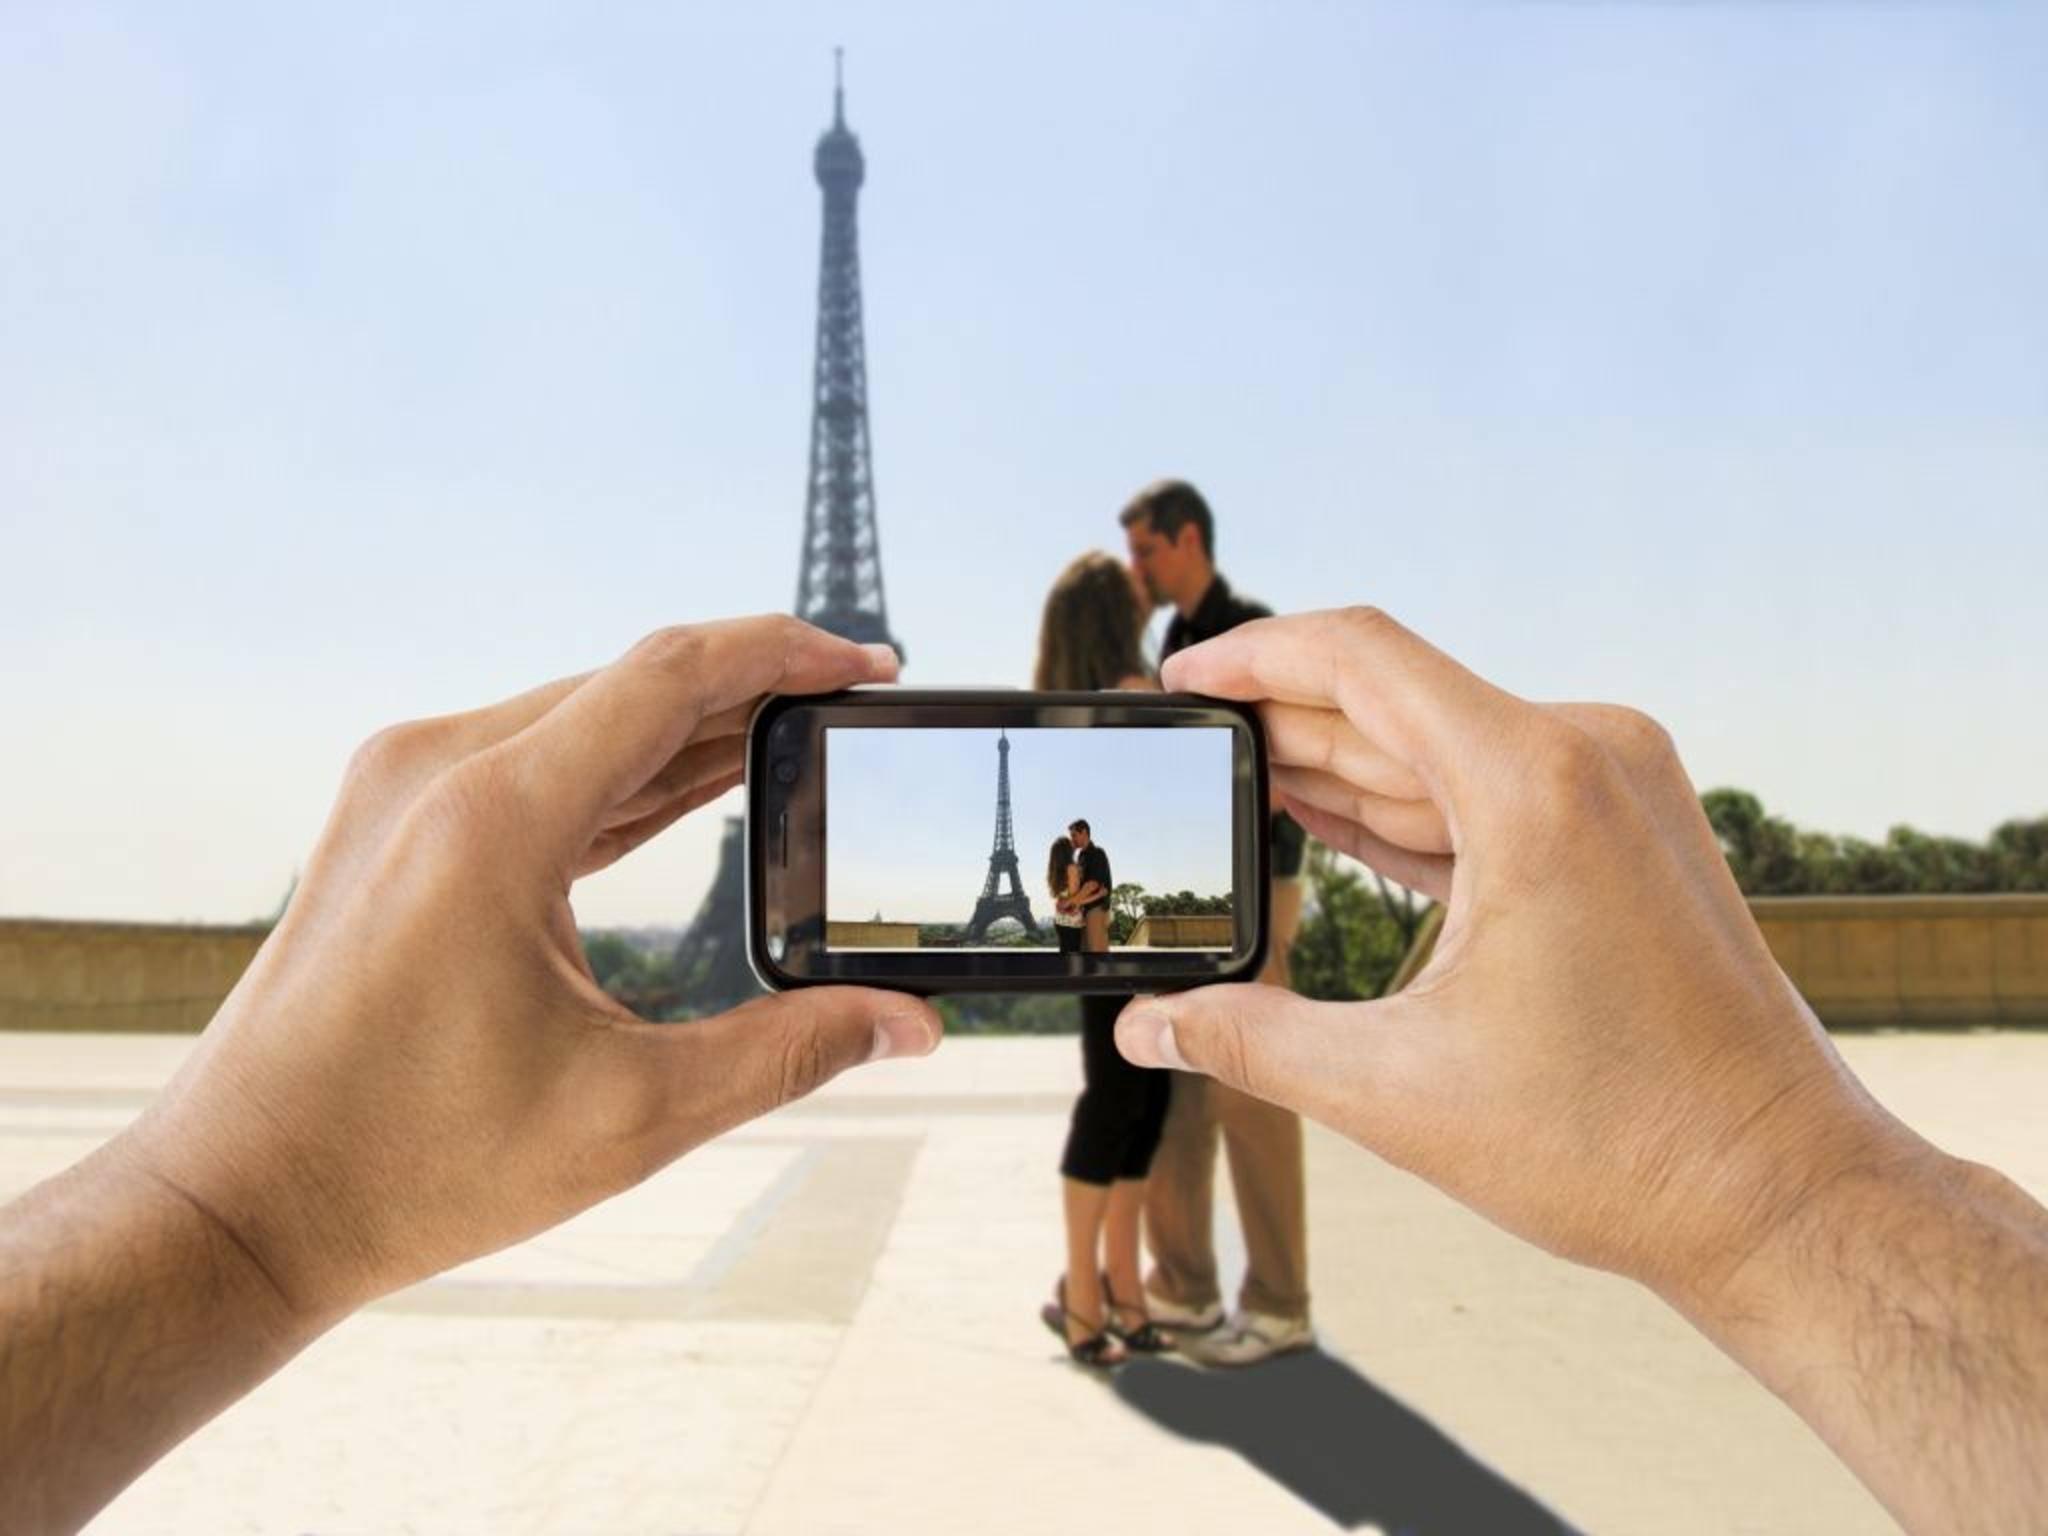 Seine Lieblingsfotos bequem teilen und sichern: Google hat die Foto-App Odysee gekauft.